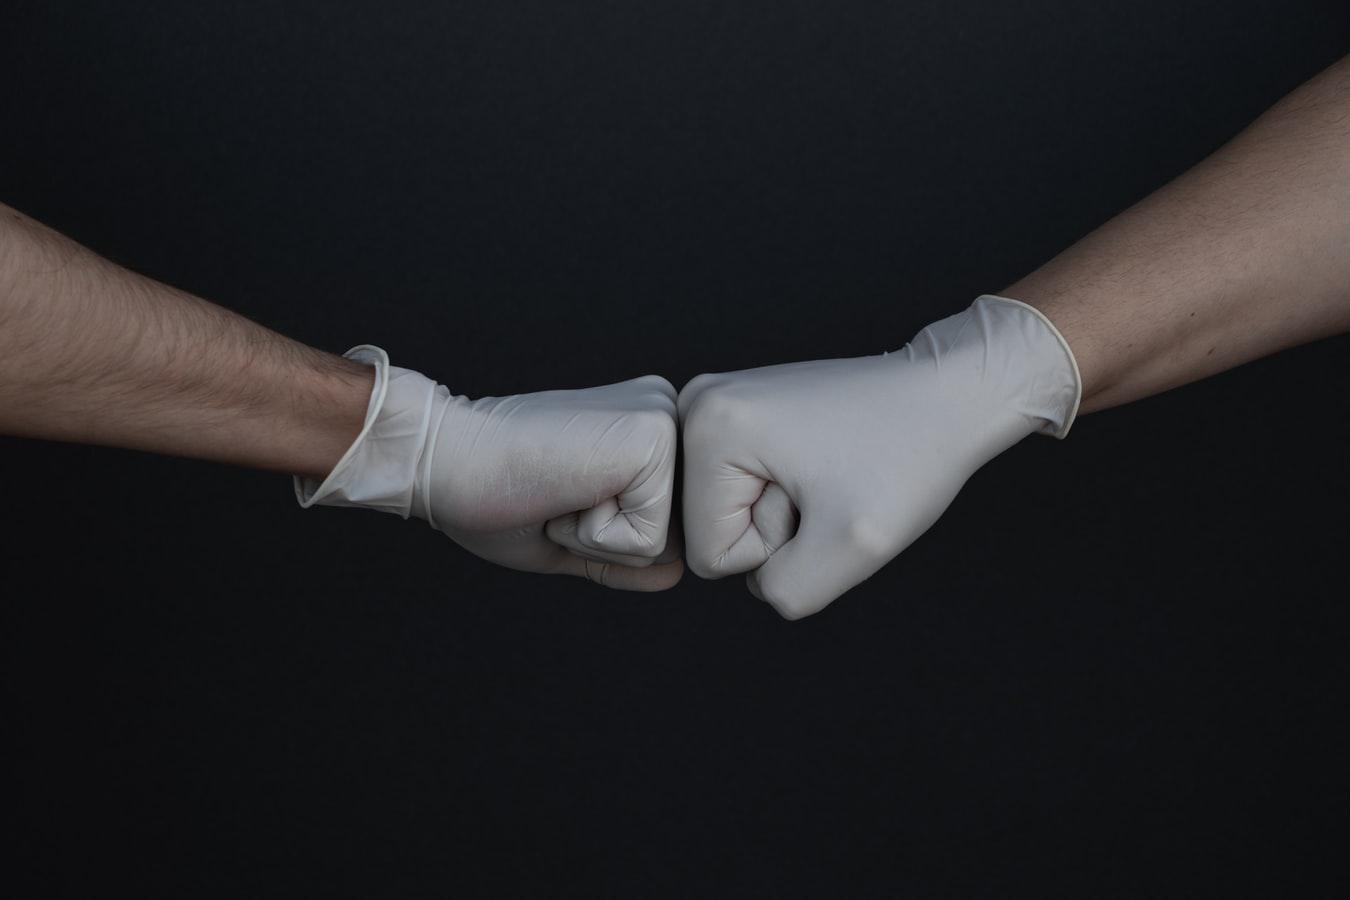 Gloved fist bump